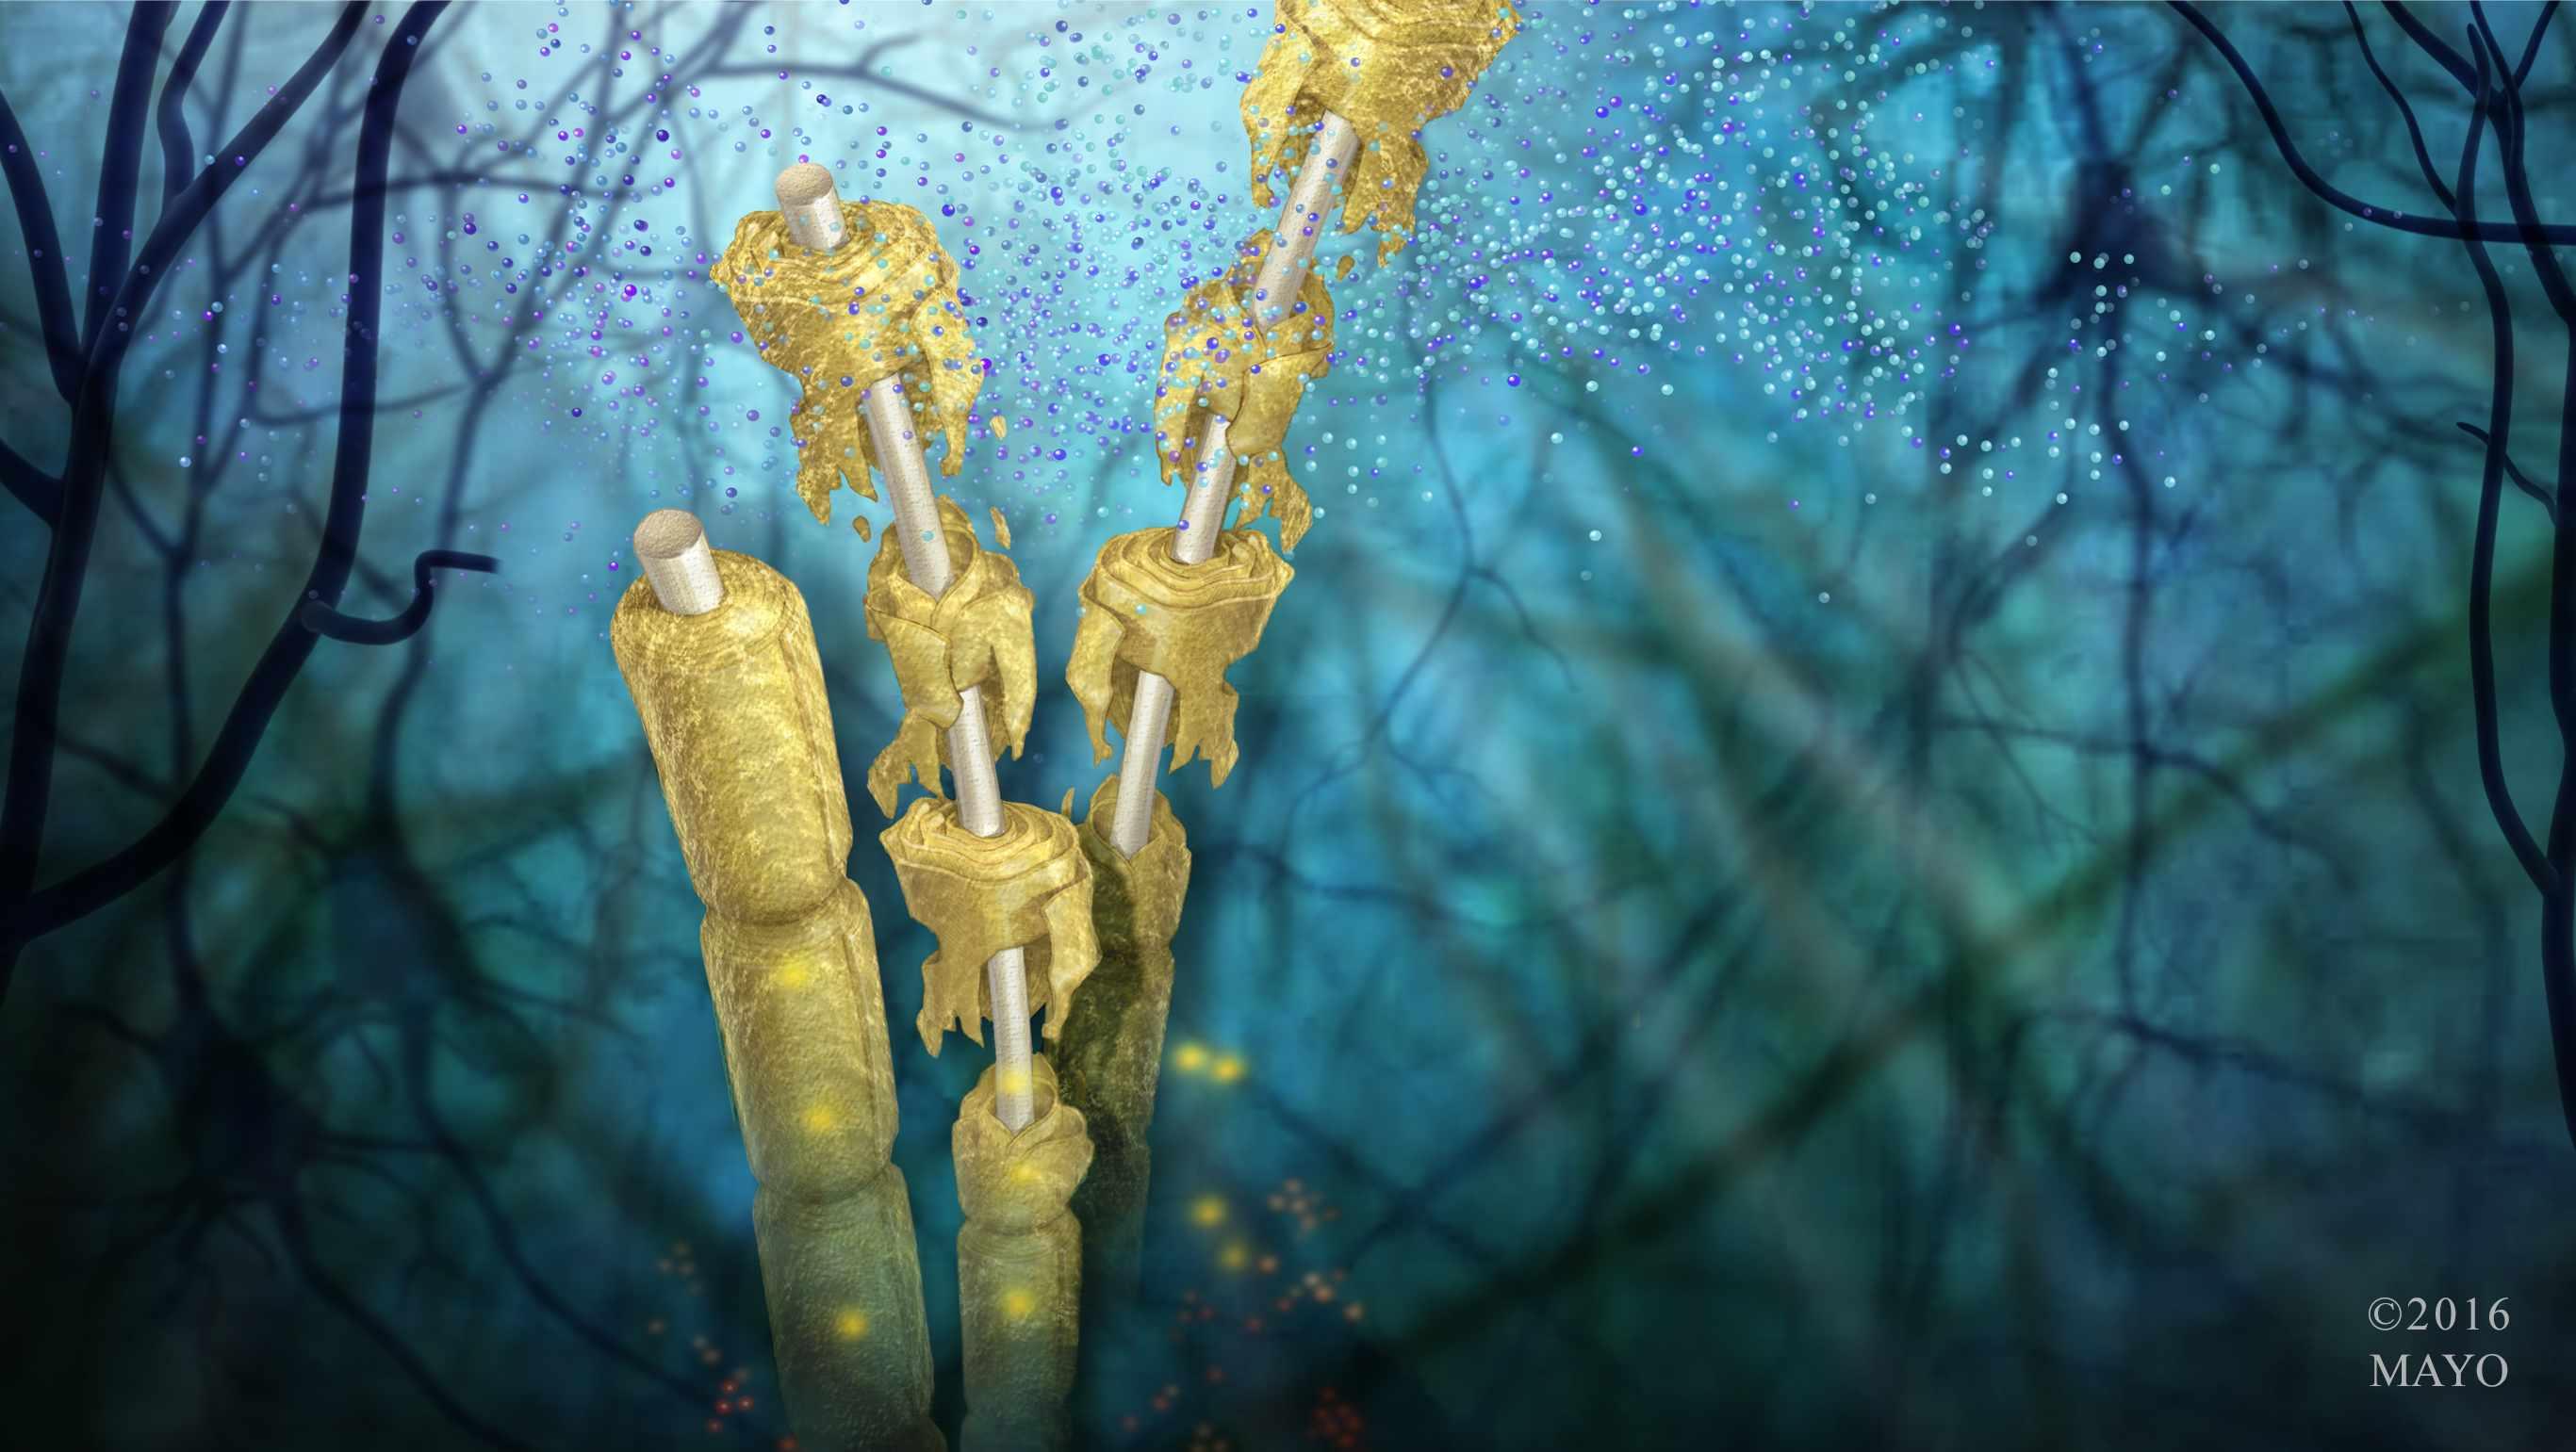 Ilustración del daño de desintegración sufrido por la vaina de mielina que recubre las fibras nerviosas